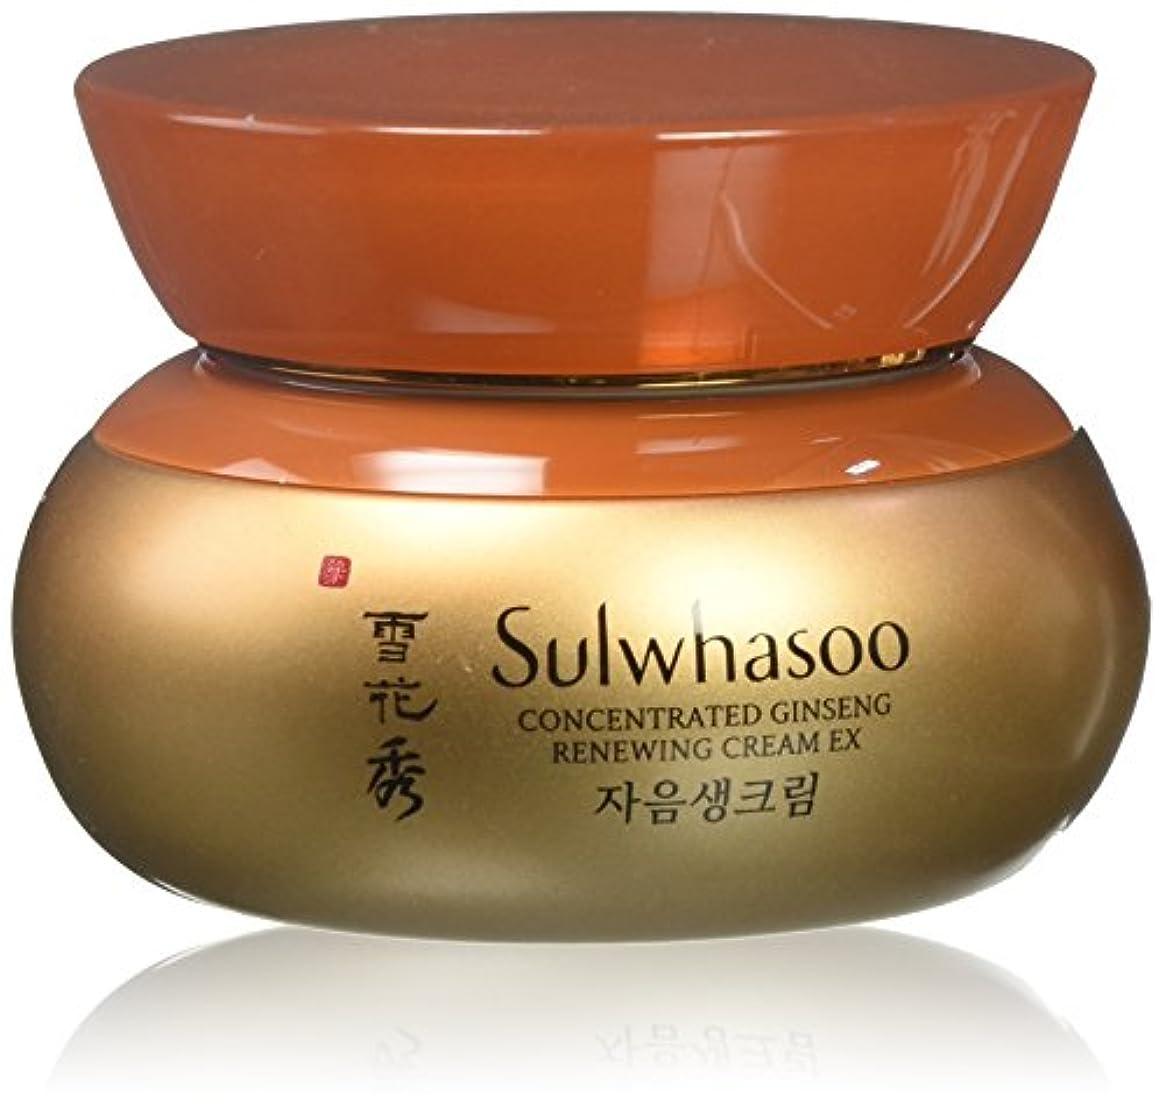 ハードちっちゃい豆腐雪花秀 滋陰生(ジャウムセン)クリーム Concentrated Ginseng Cream 60ml